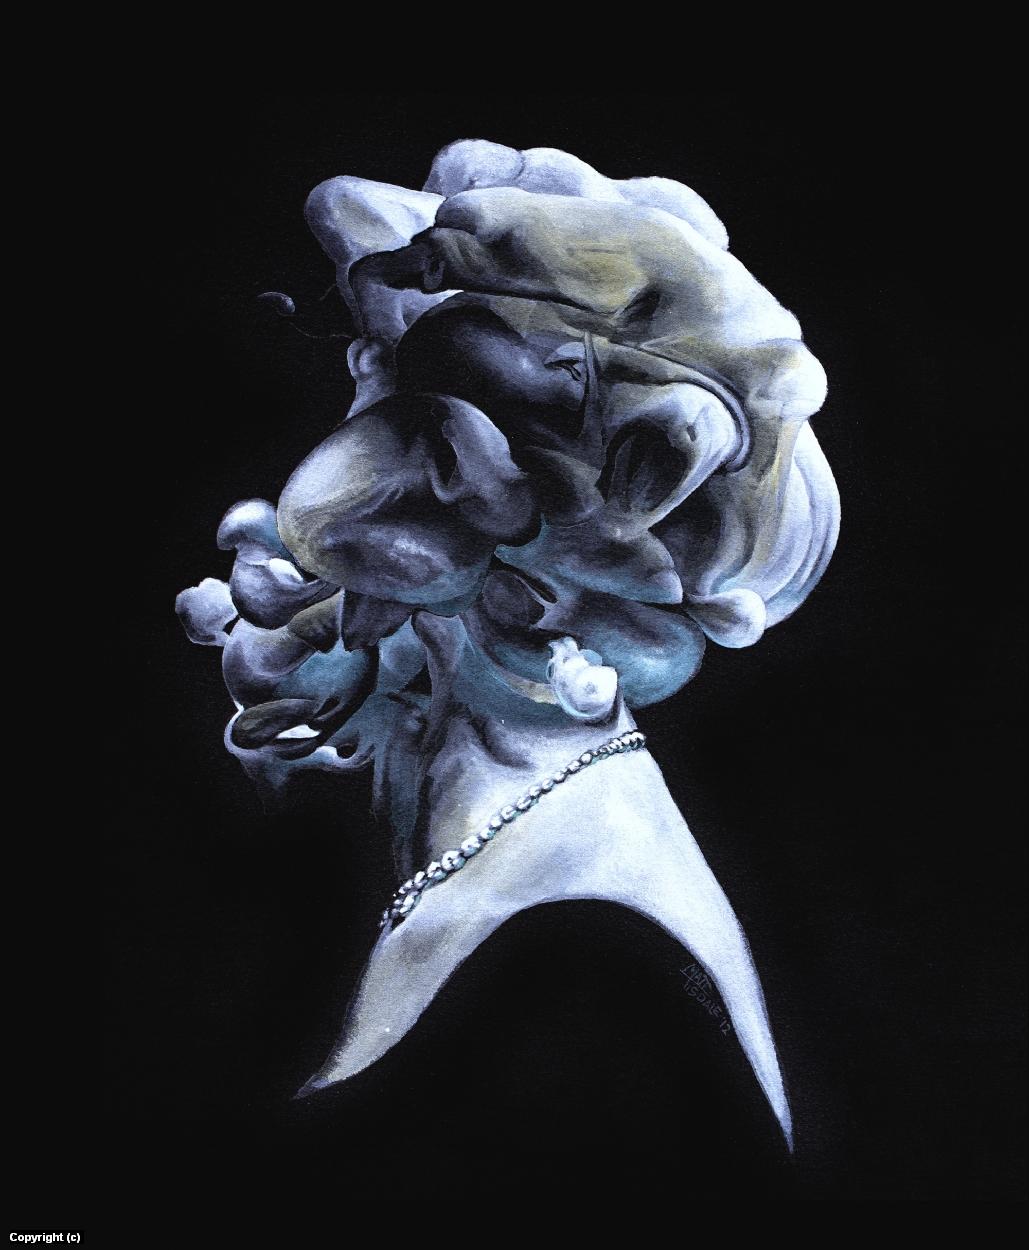 Smoke Artwork by Matt Tisdale